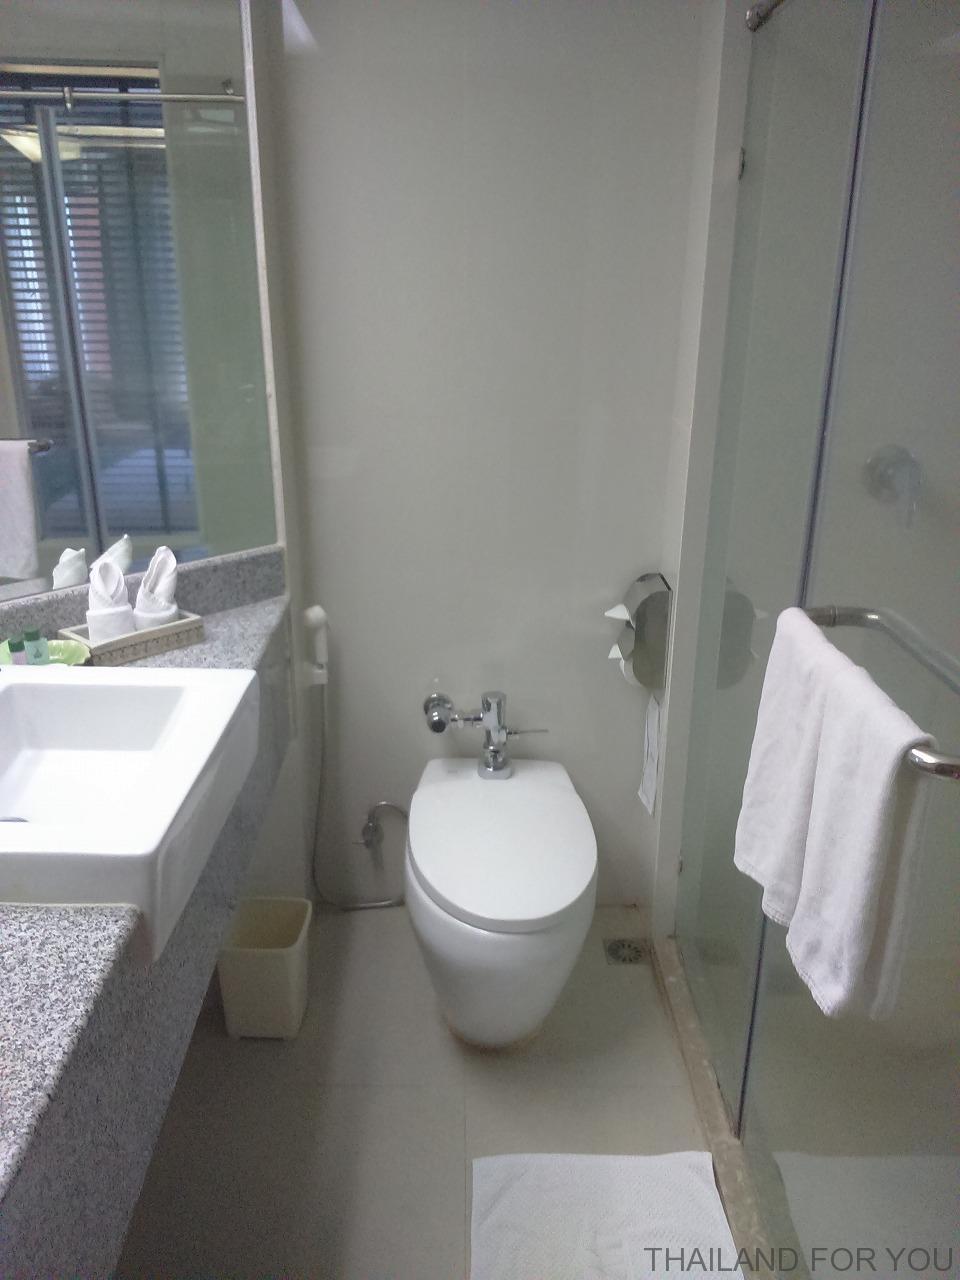 ワィアン イン ホテル (Wiang Inn Hotel) バスルーム 写真